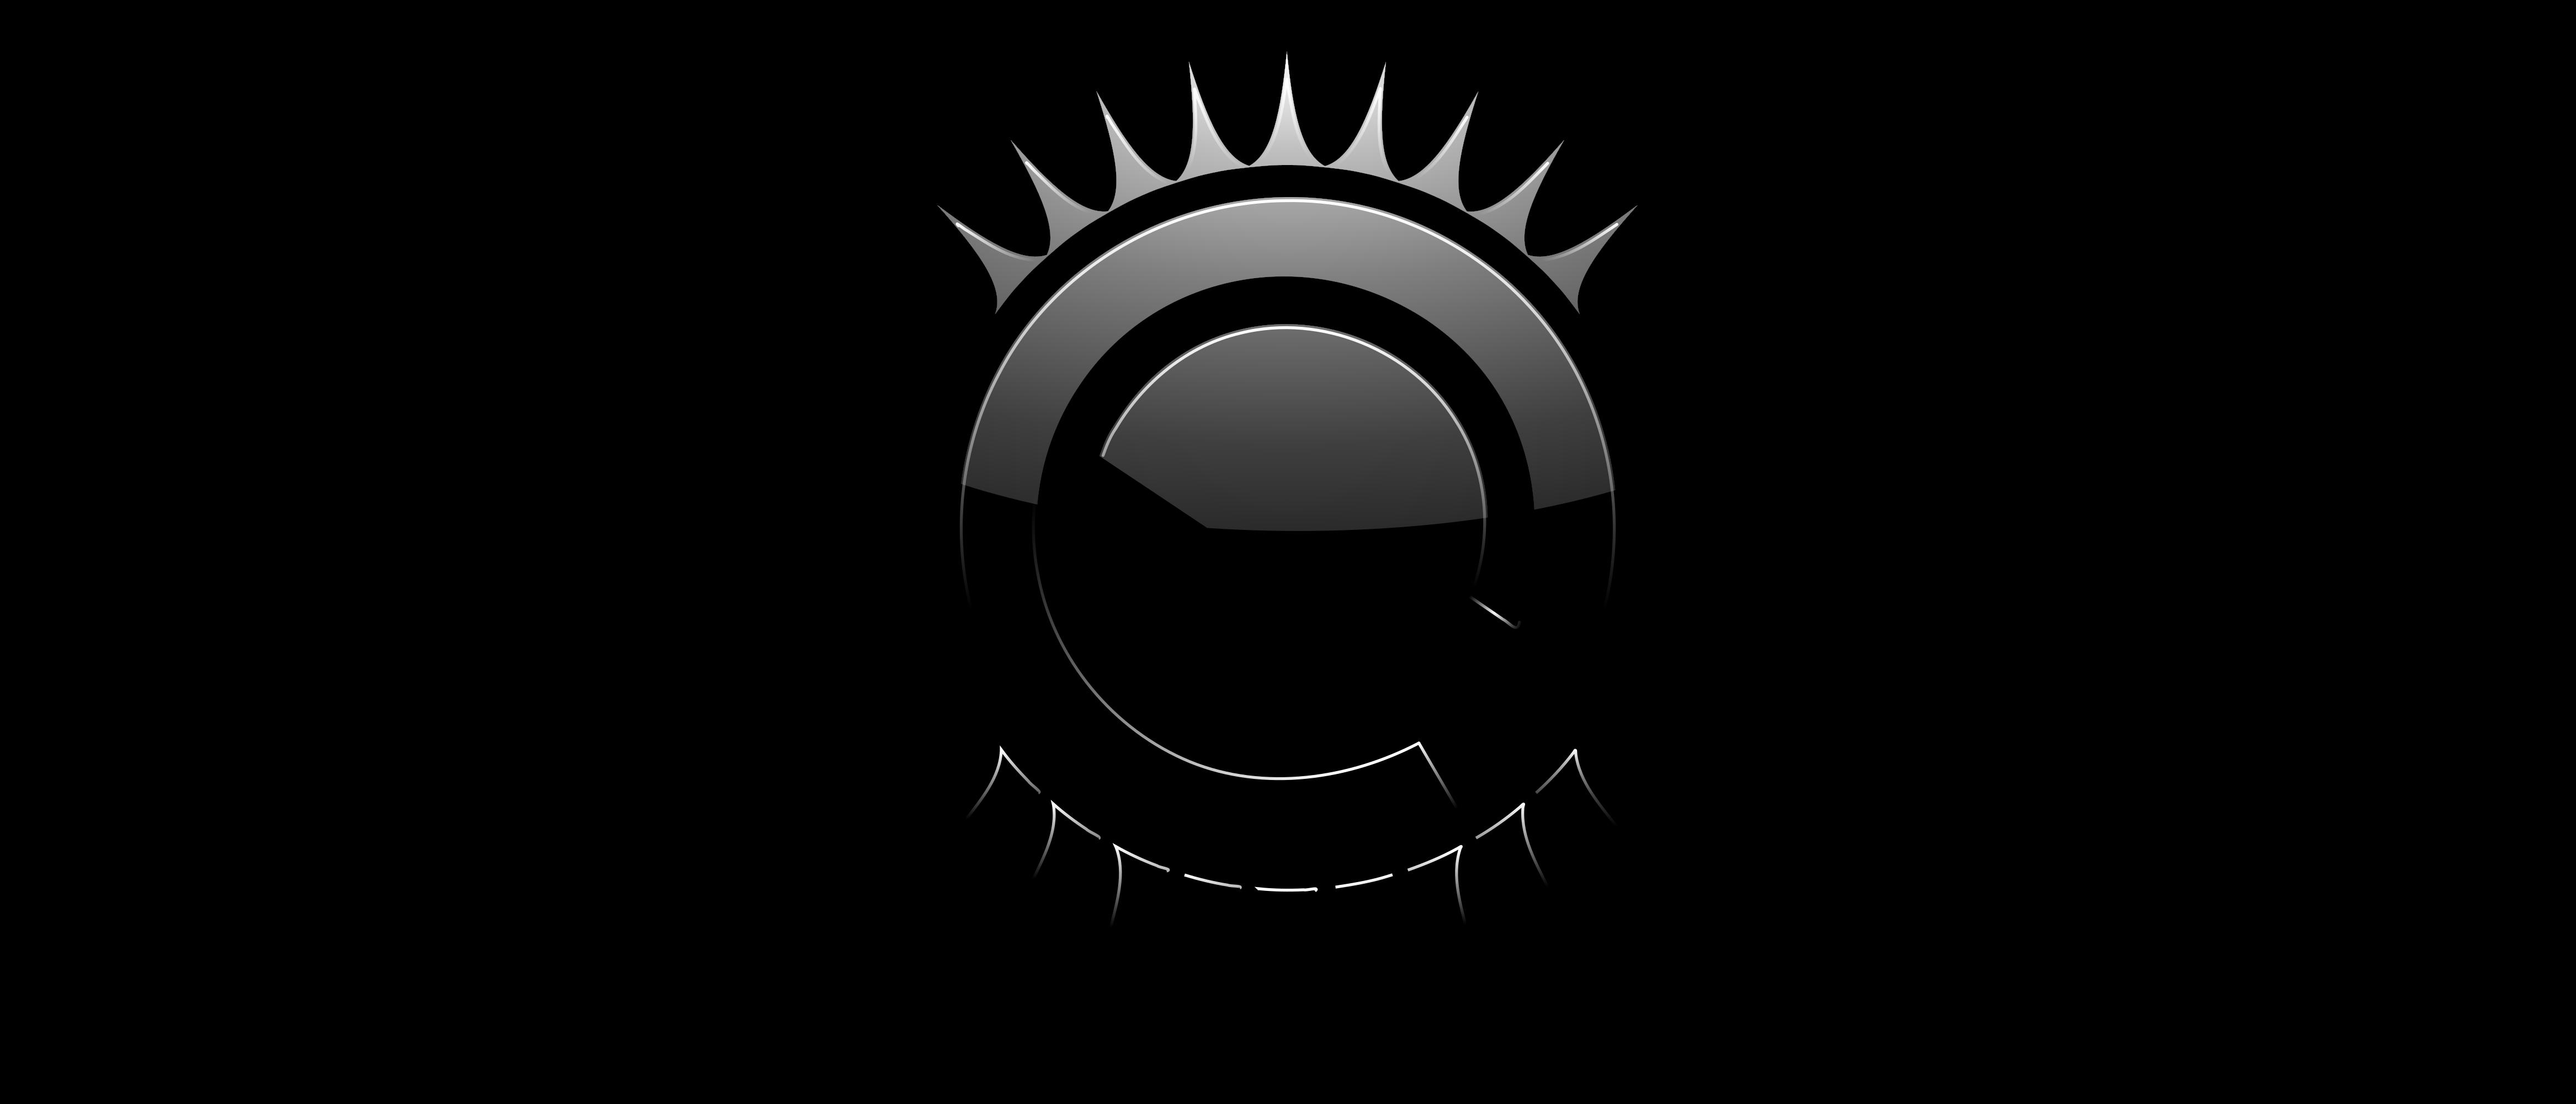 2a24900df396 Desktopové prostředí Enlightenment 0.20 s kompletní podporou ...